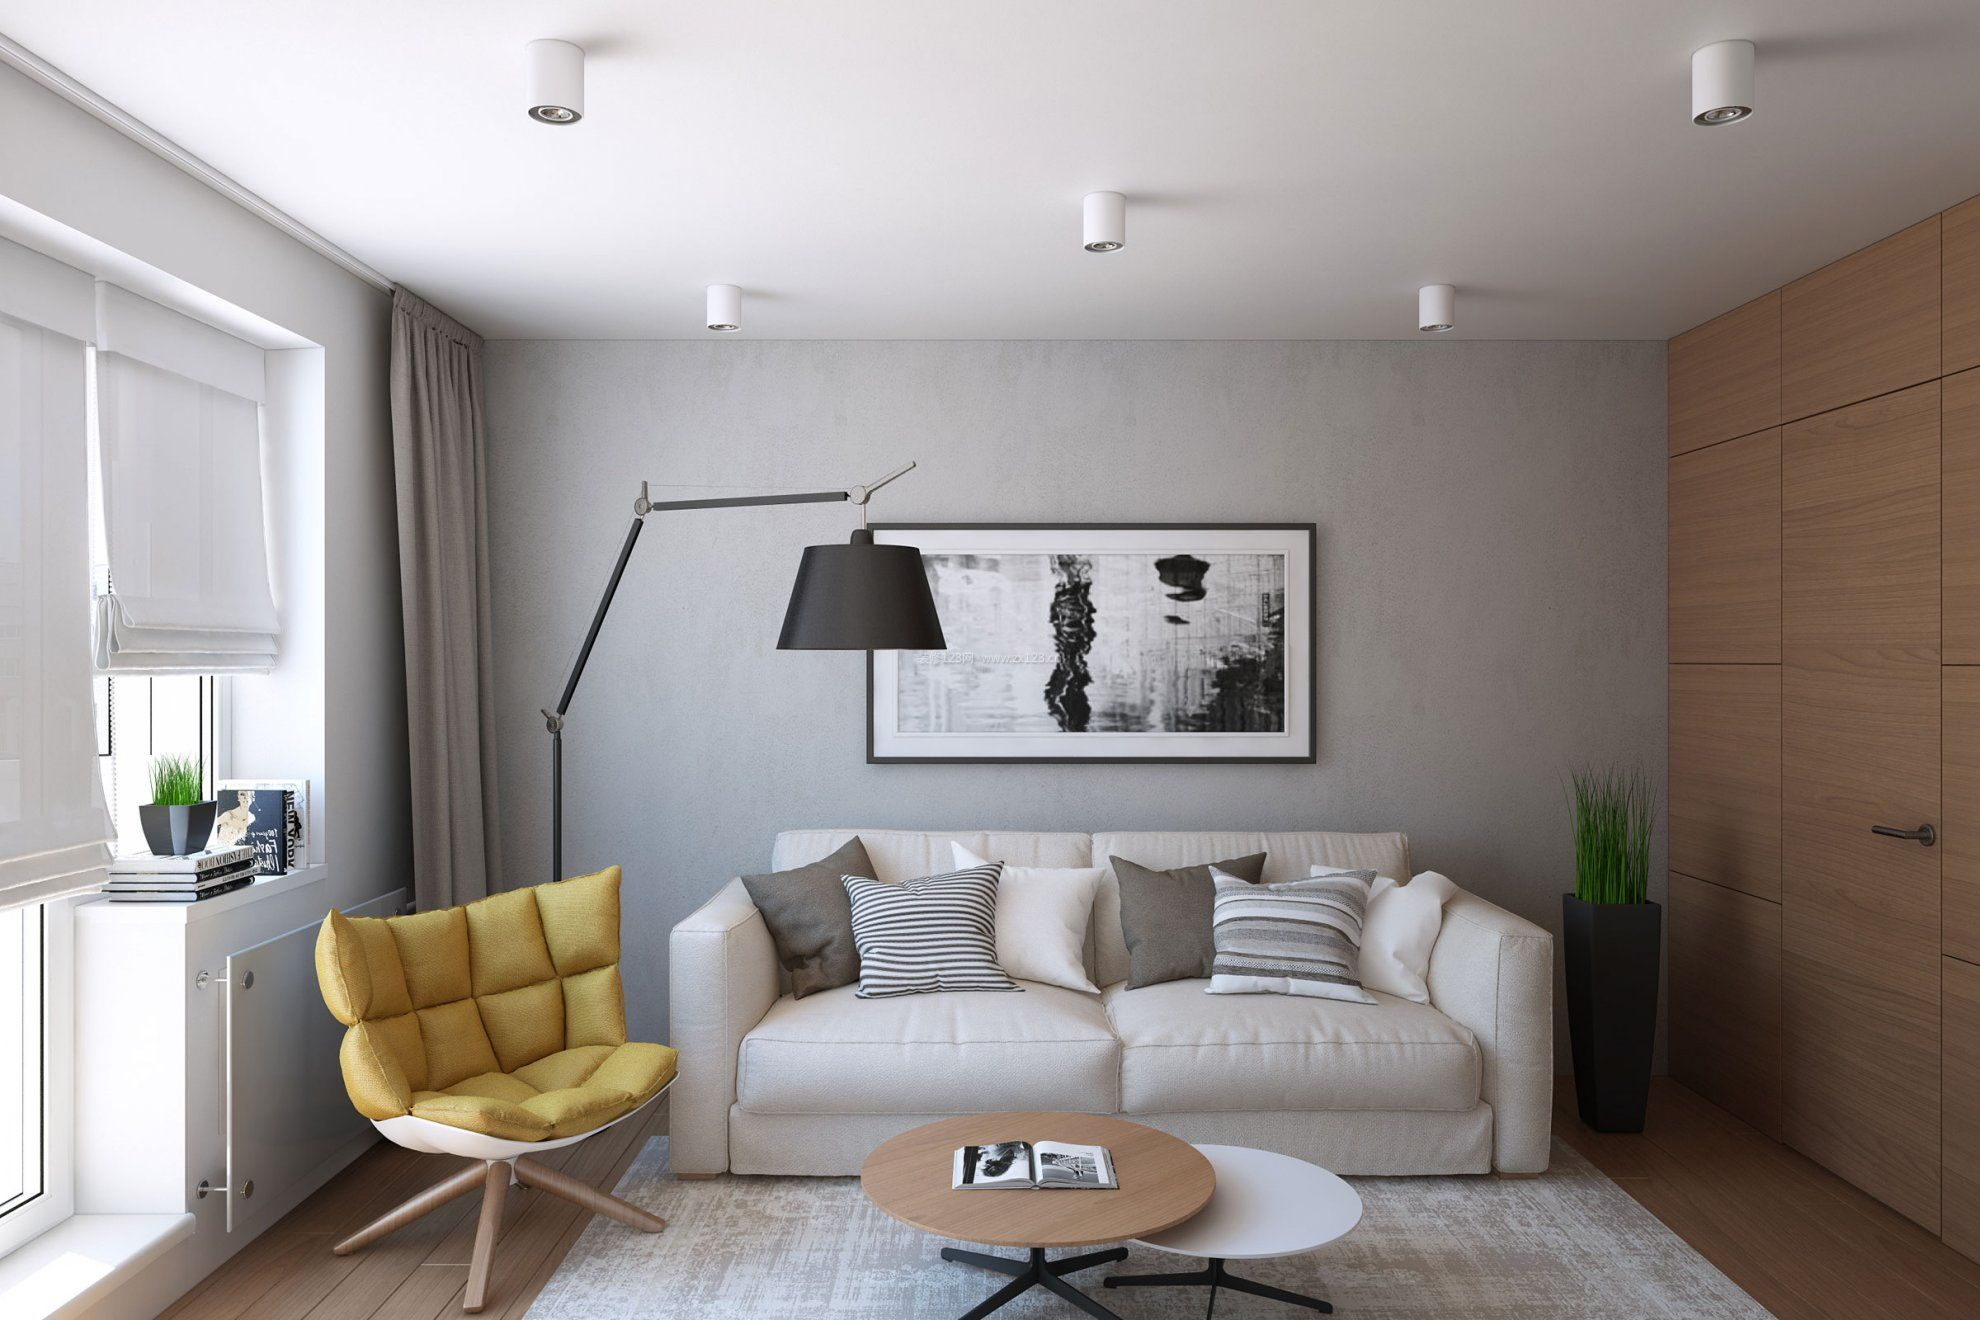 40平米单身公寓落地灯装修图片